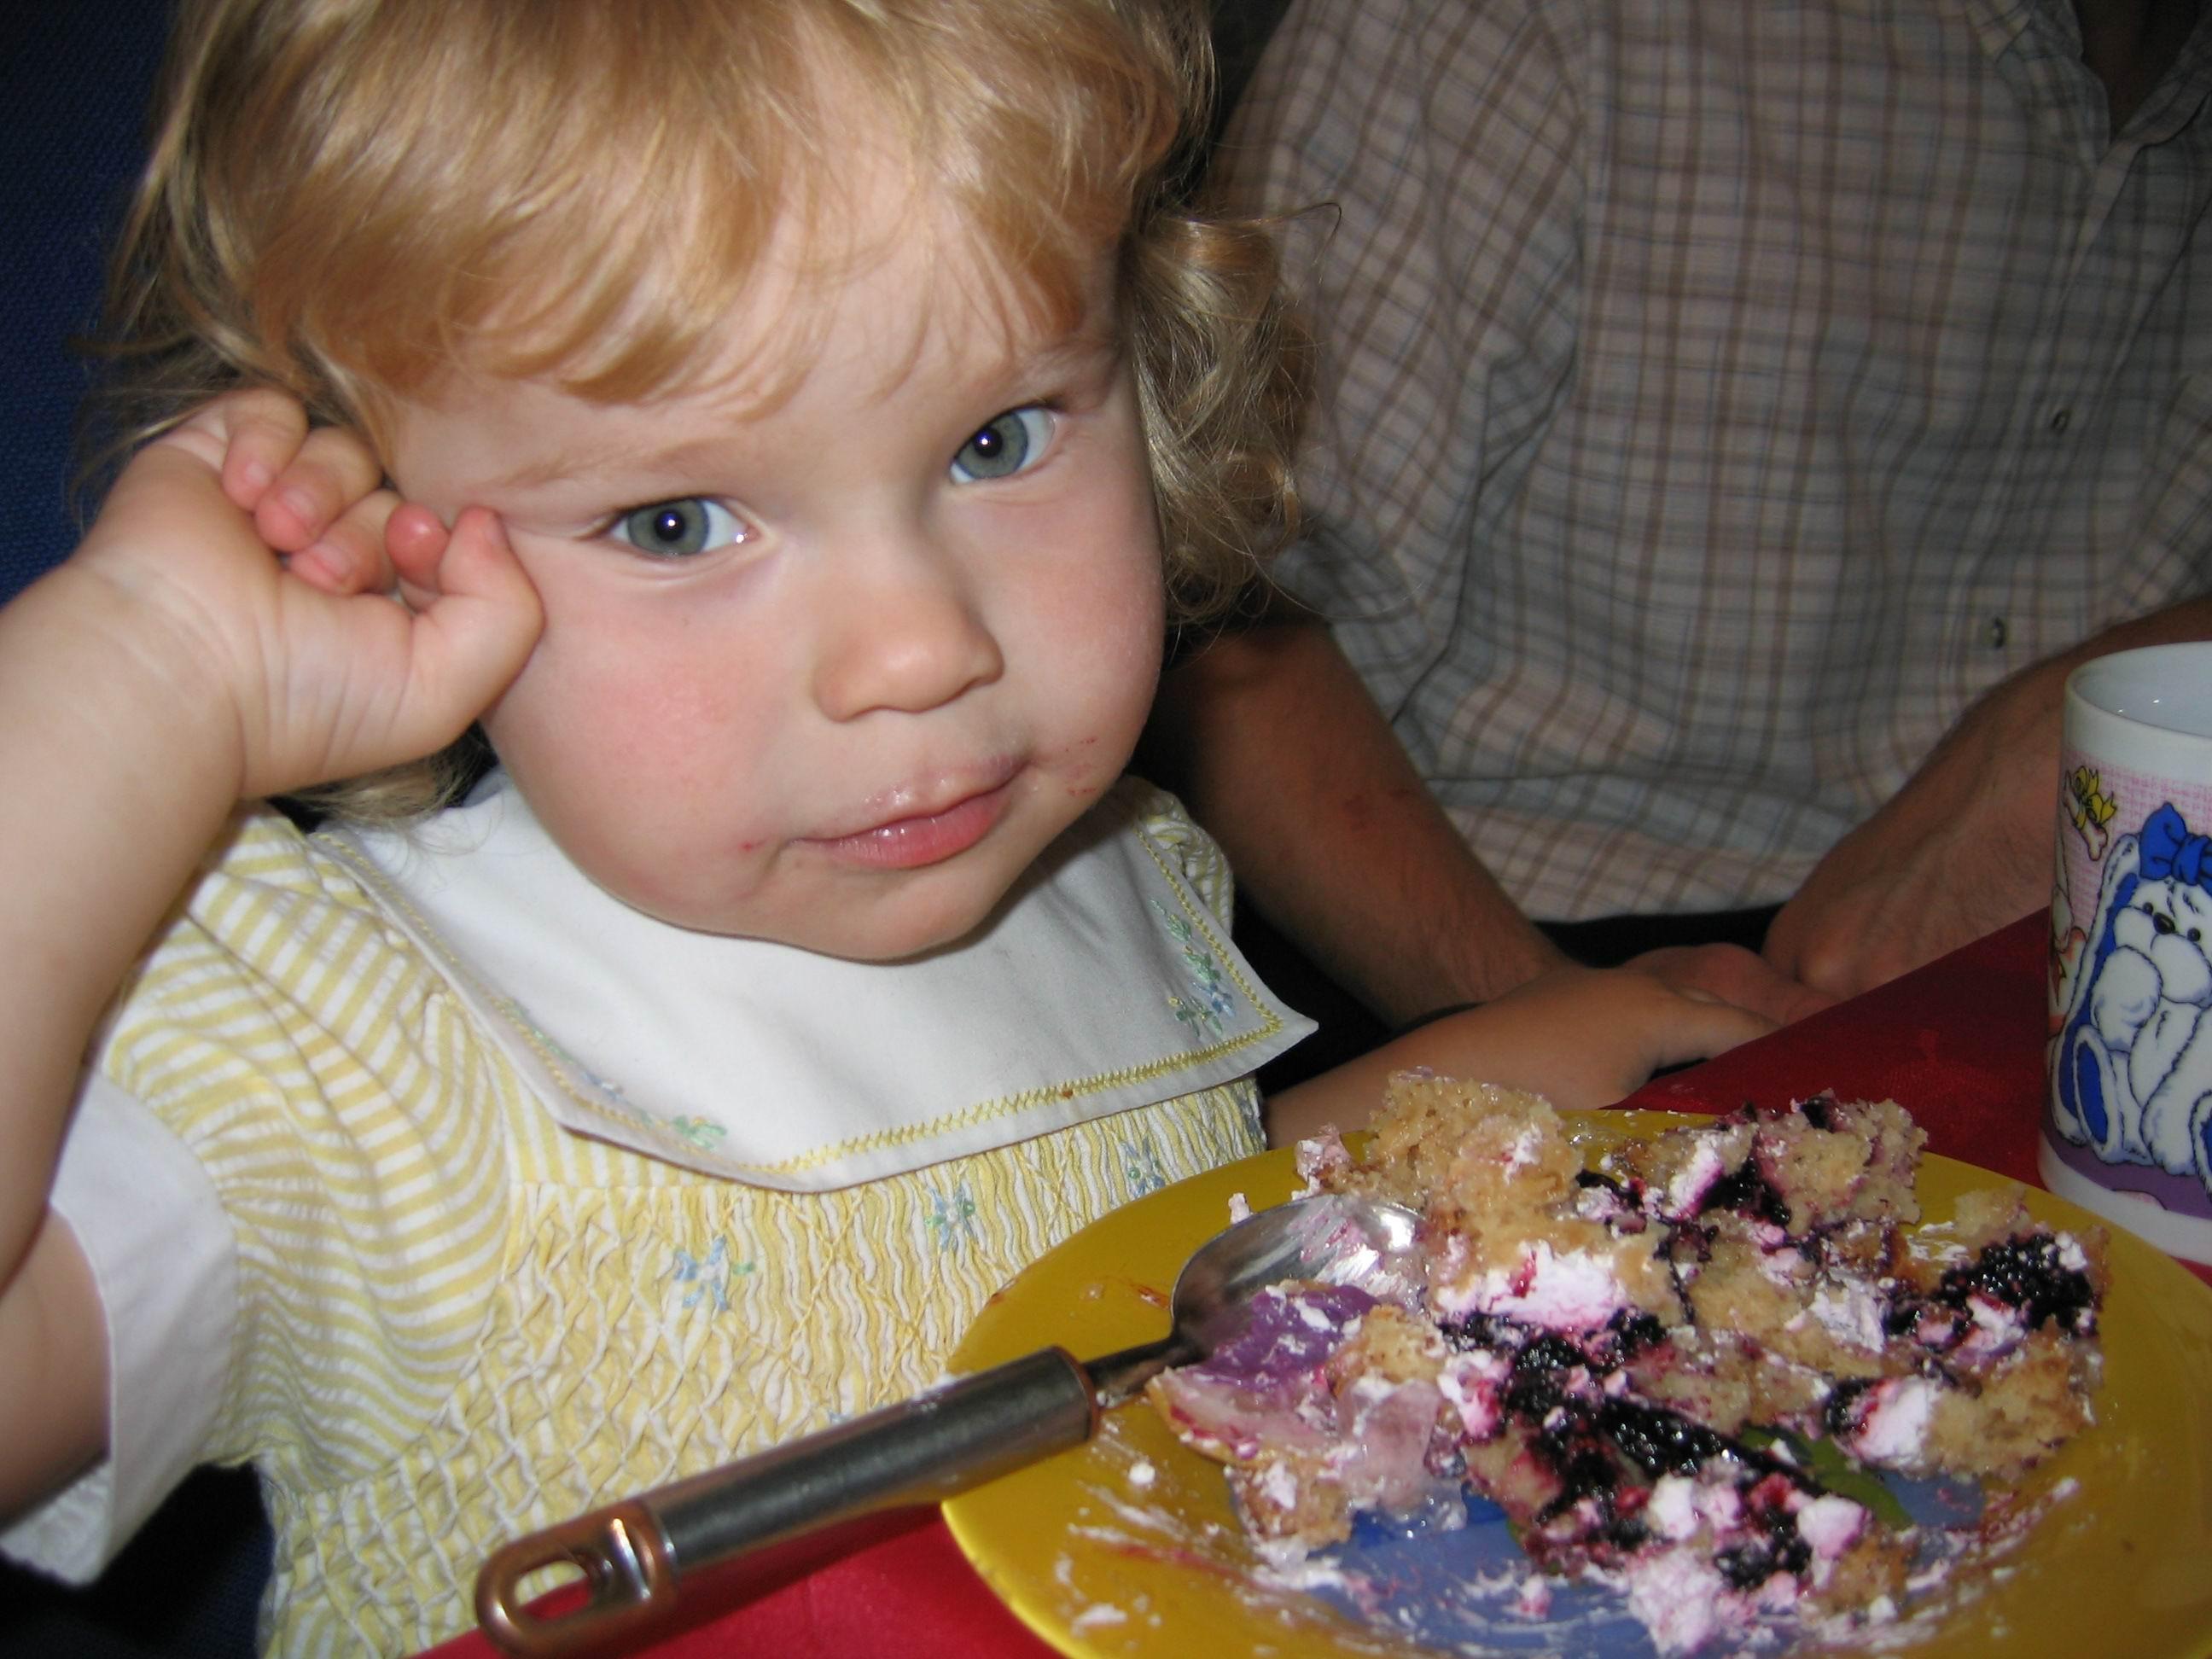 Люблю я тортик кушать!:). Крошка с ложкой